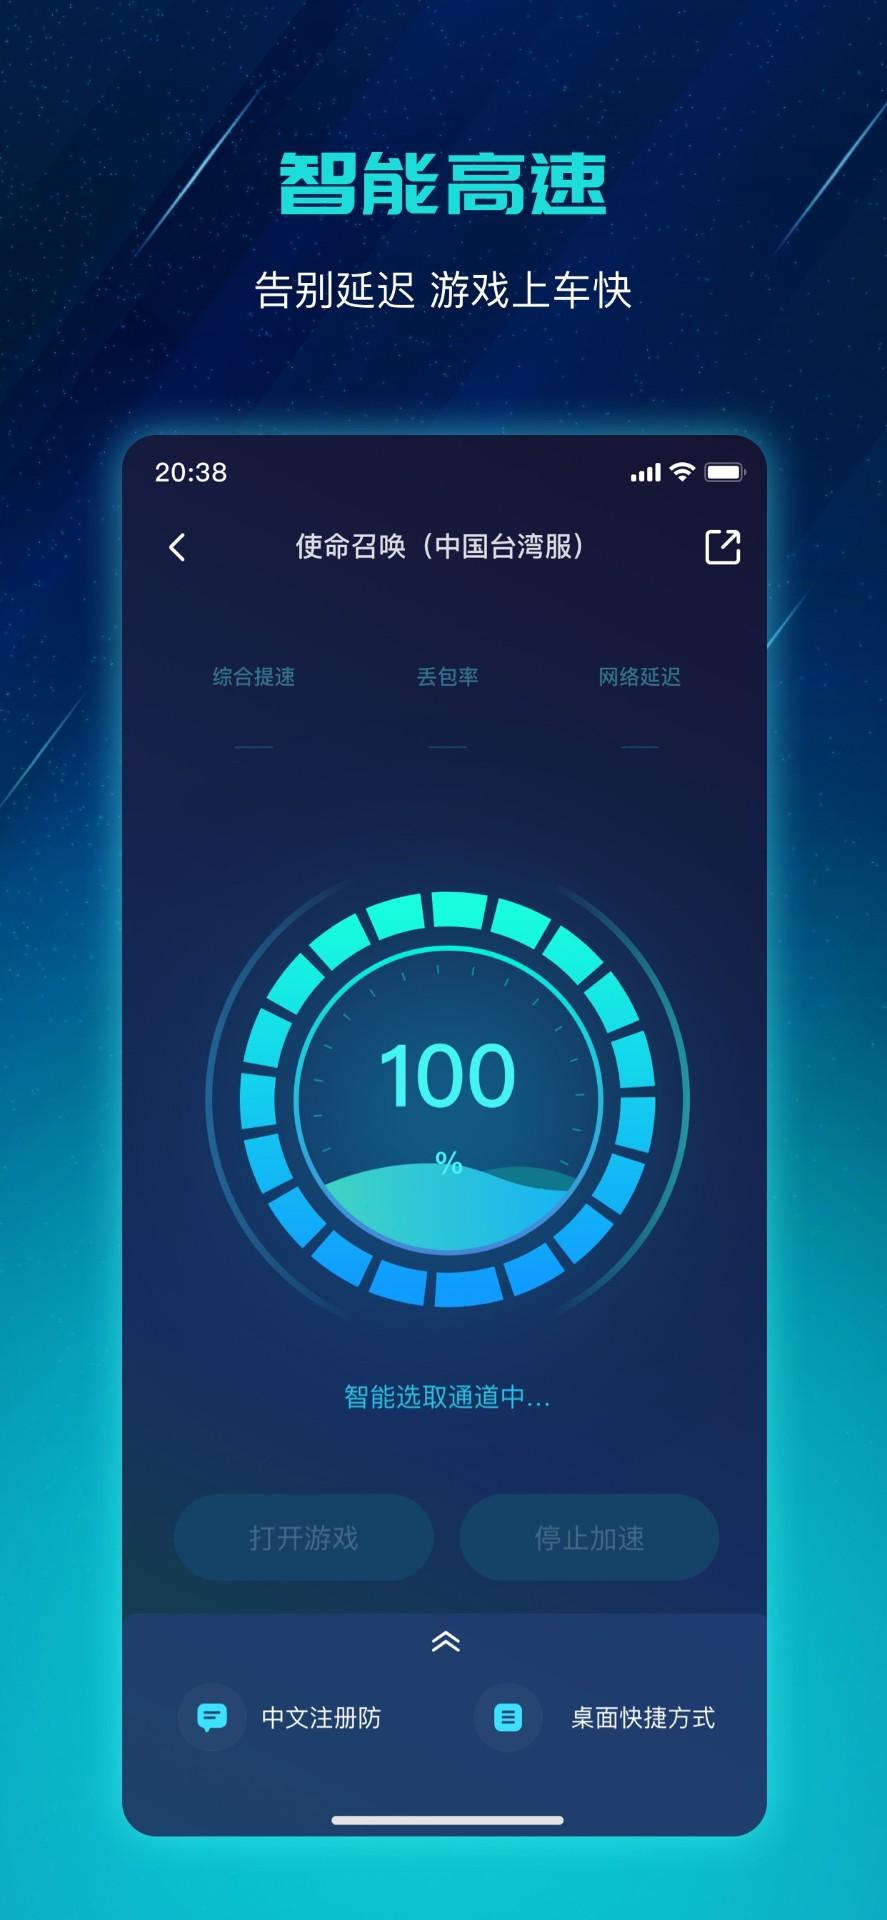 极光手游加速器安卓版 V1.0.1